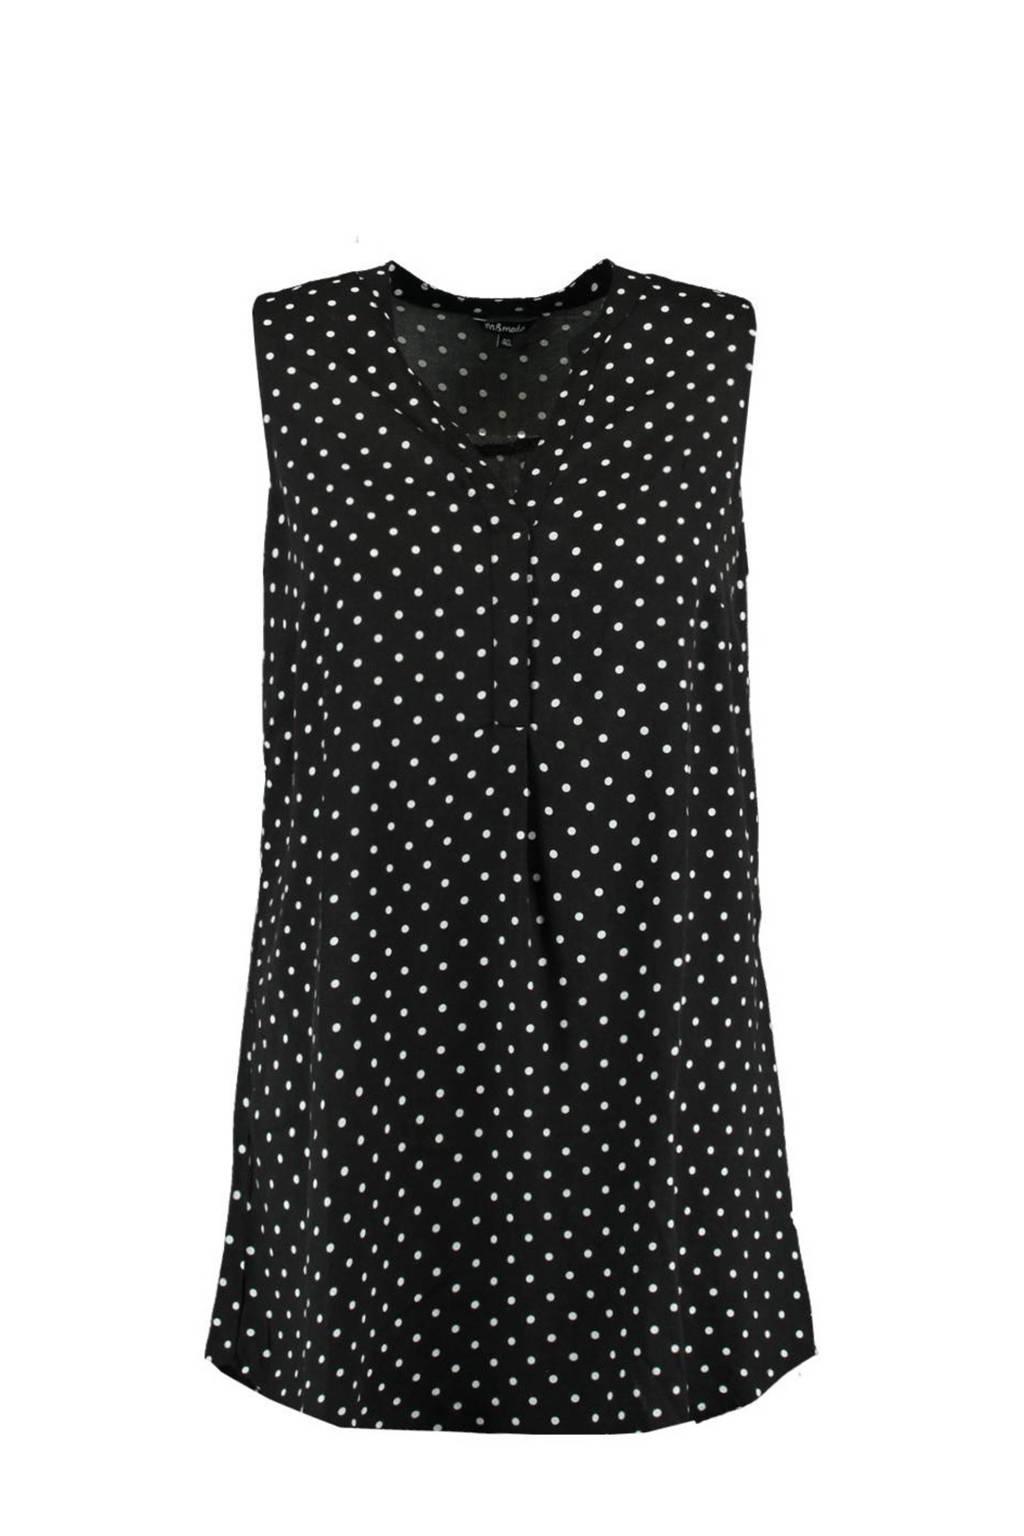 MS Mode tuniek met stippen en plooien zwart/wit, Zwart/wit